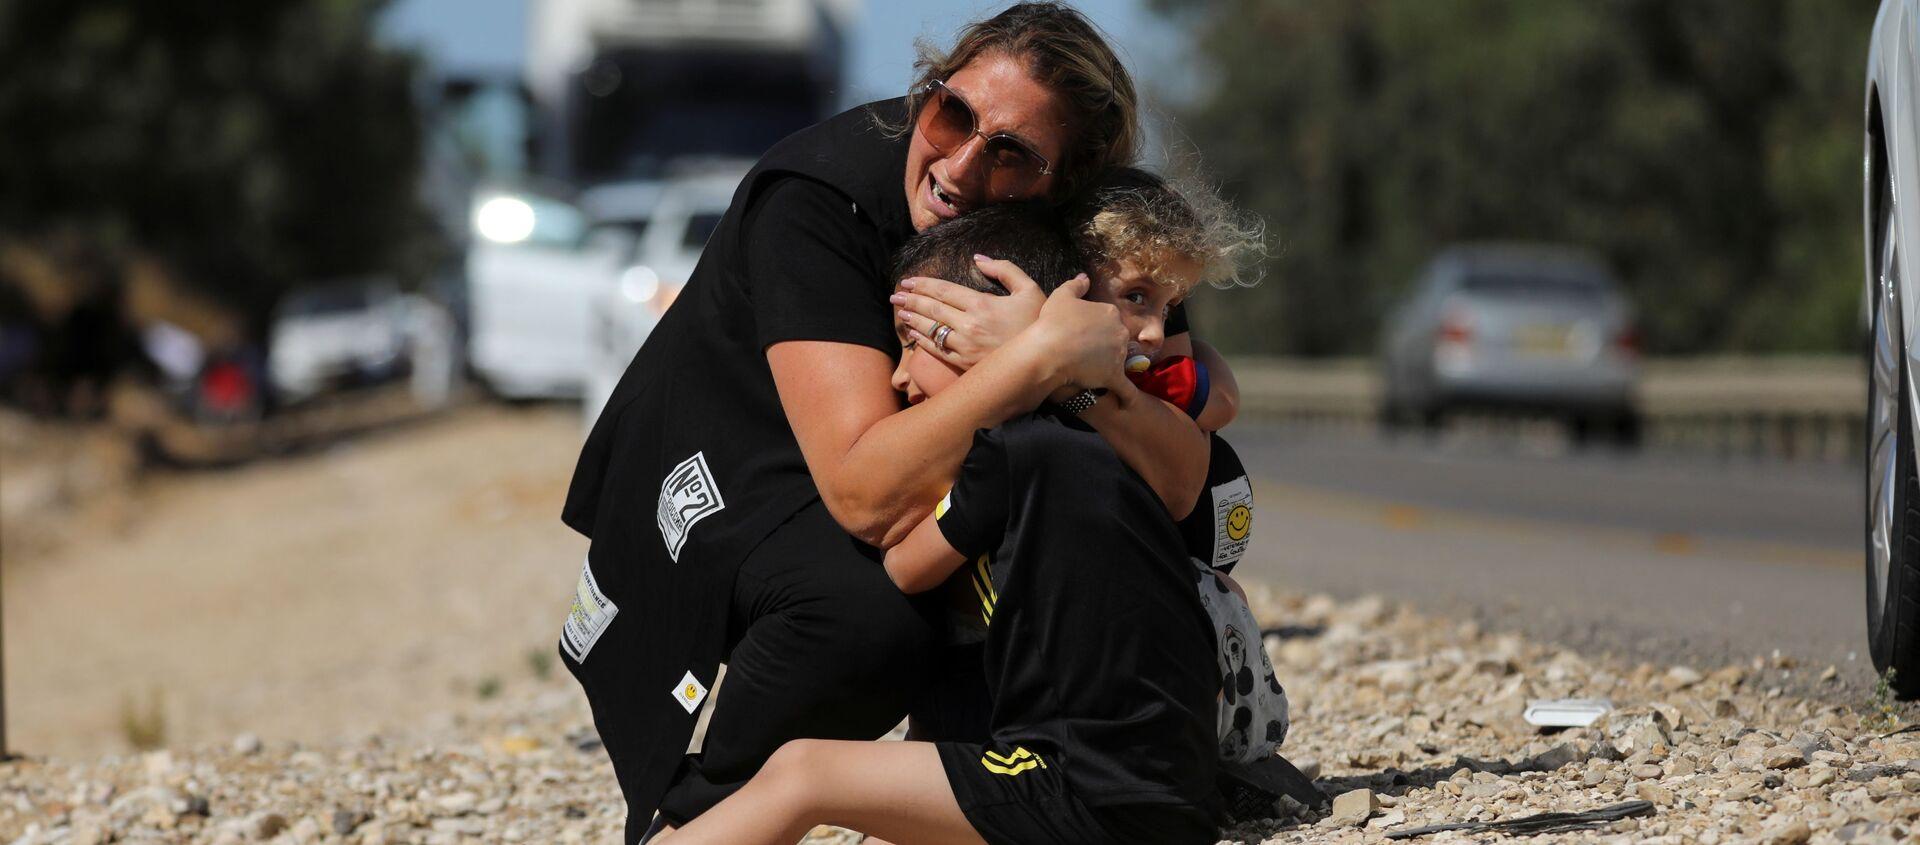 Gazze'den atılan roketler nedeniyle sirenlerin çaldığı İsrail'in Siderot kentinde çocuklarını korumaya çalışan kadın - Sputnik Türkiye, 1920, 19.05.2021